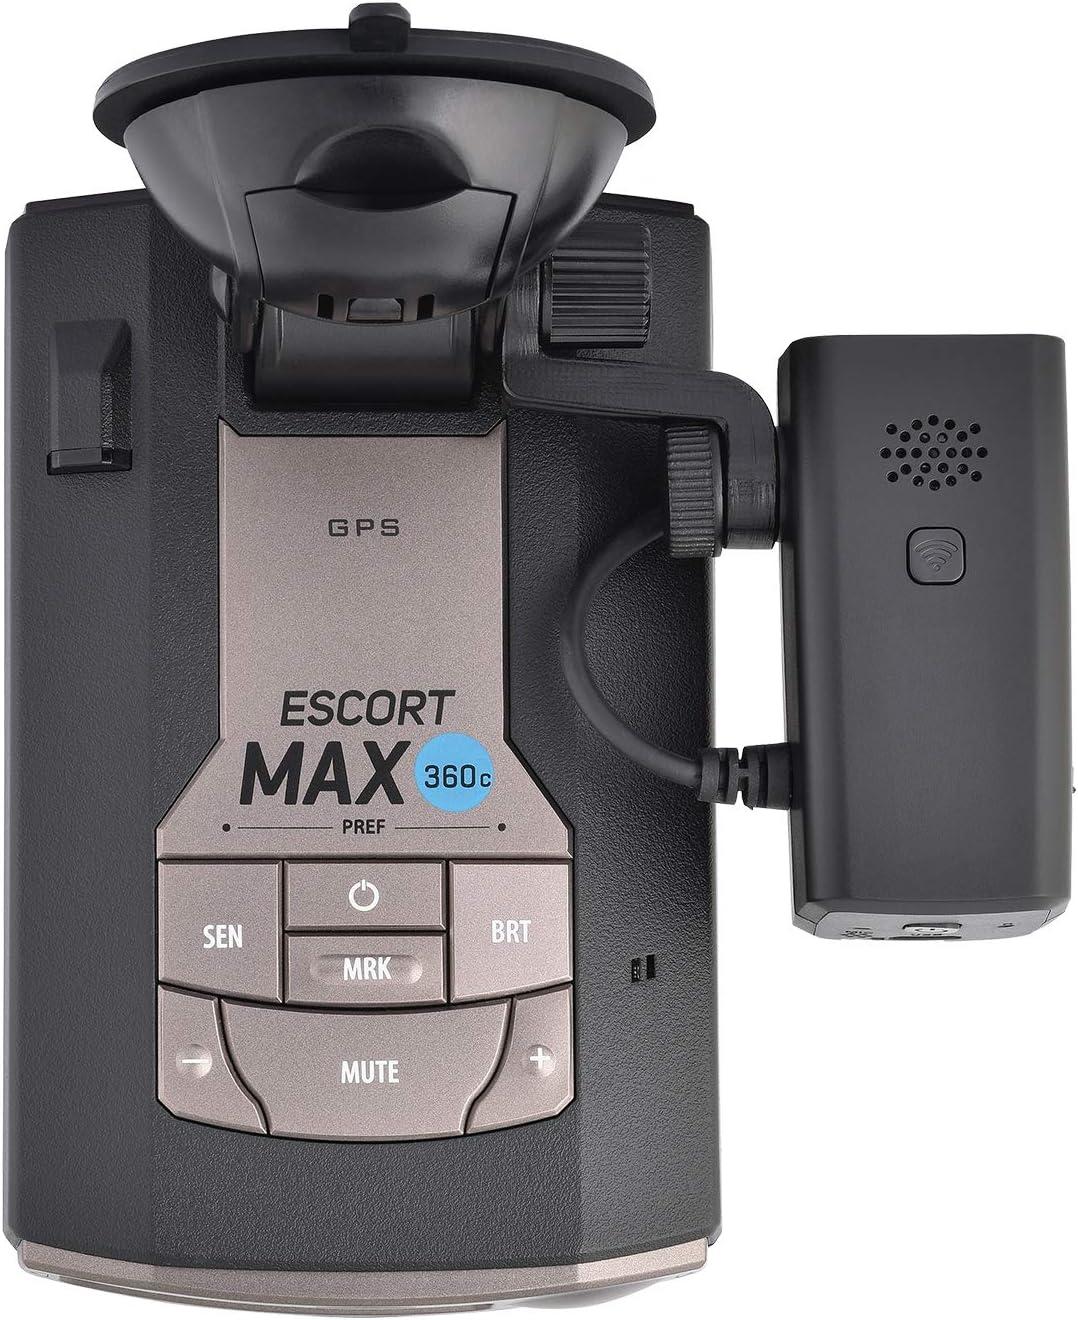 Escort Max 360C Radar Detector Review